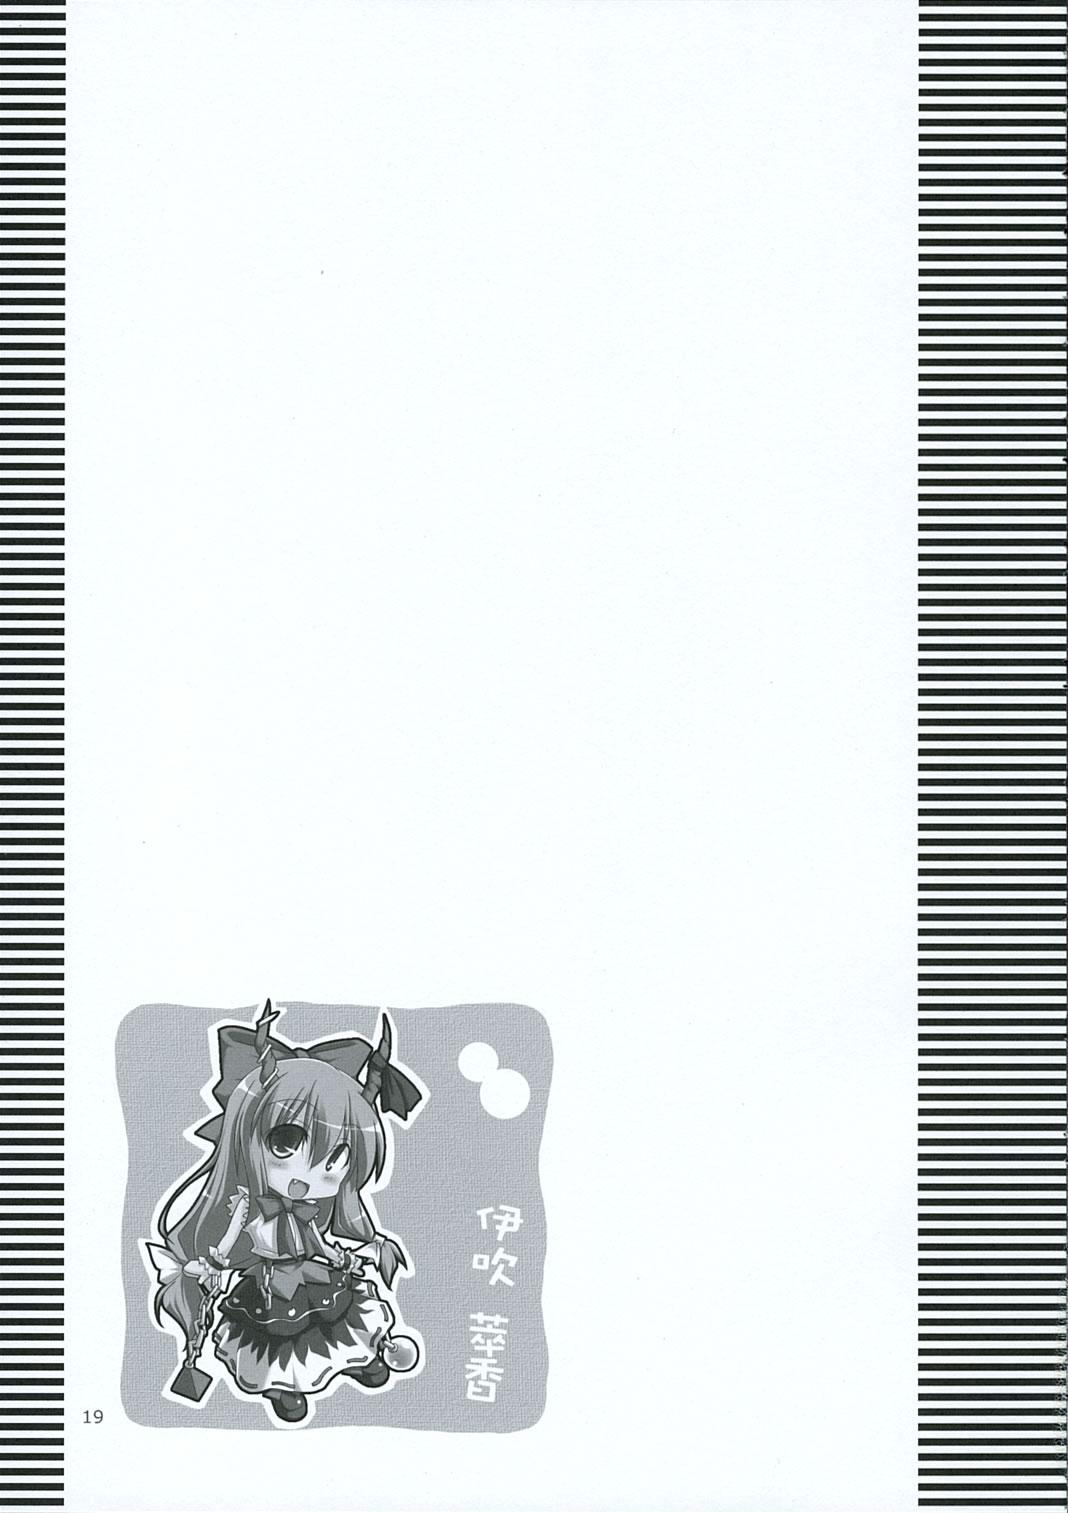 INABA BOX 3 17